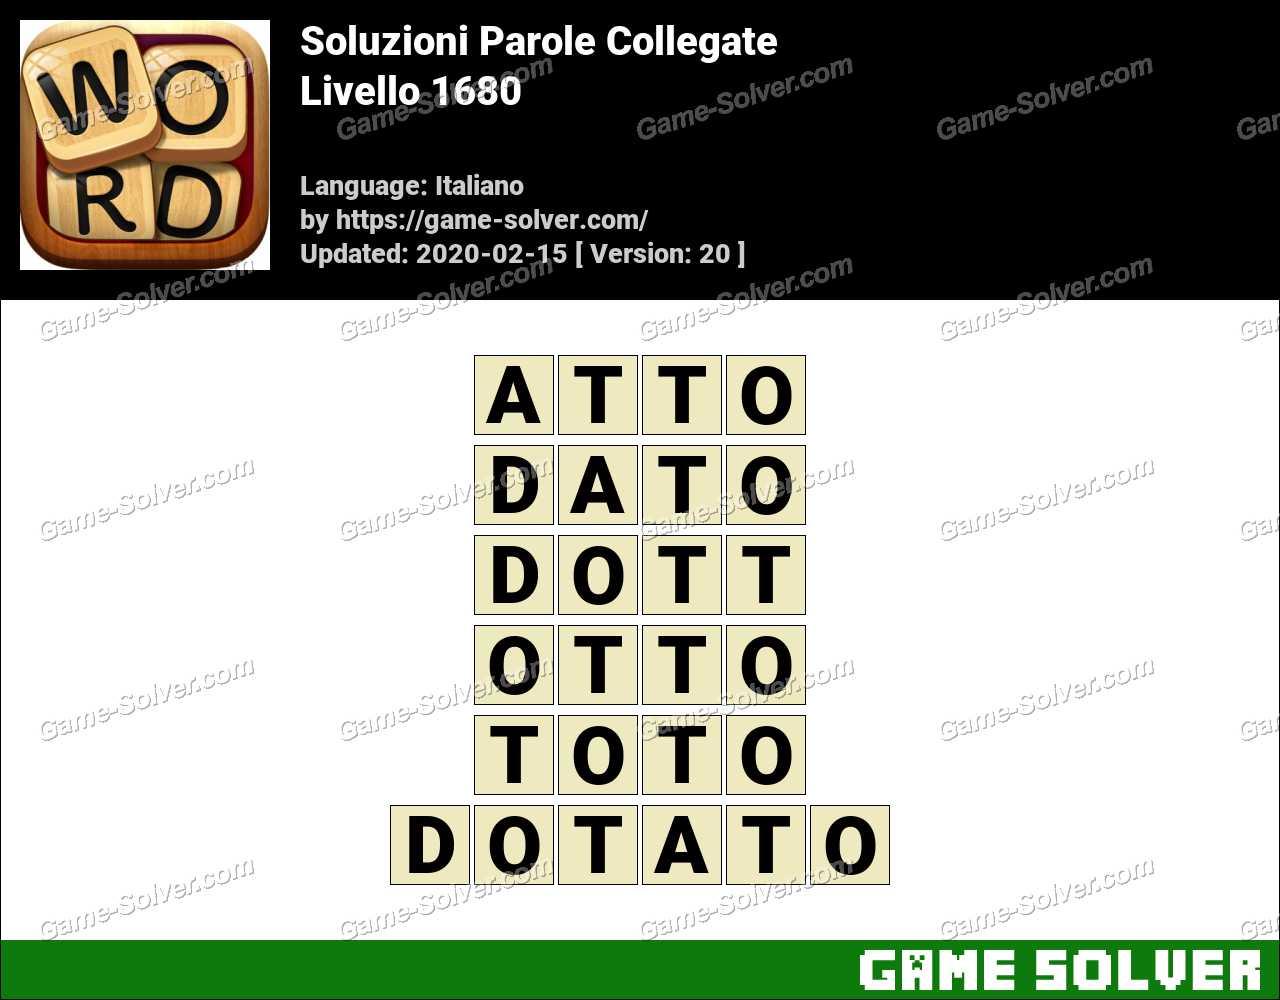 Soluzioni Parole Collegate Livello 1680